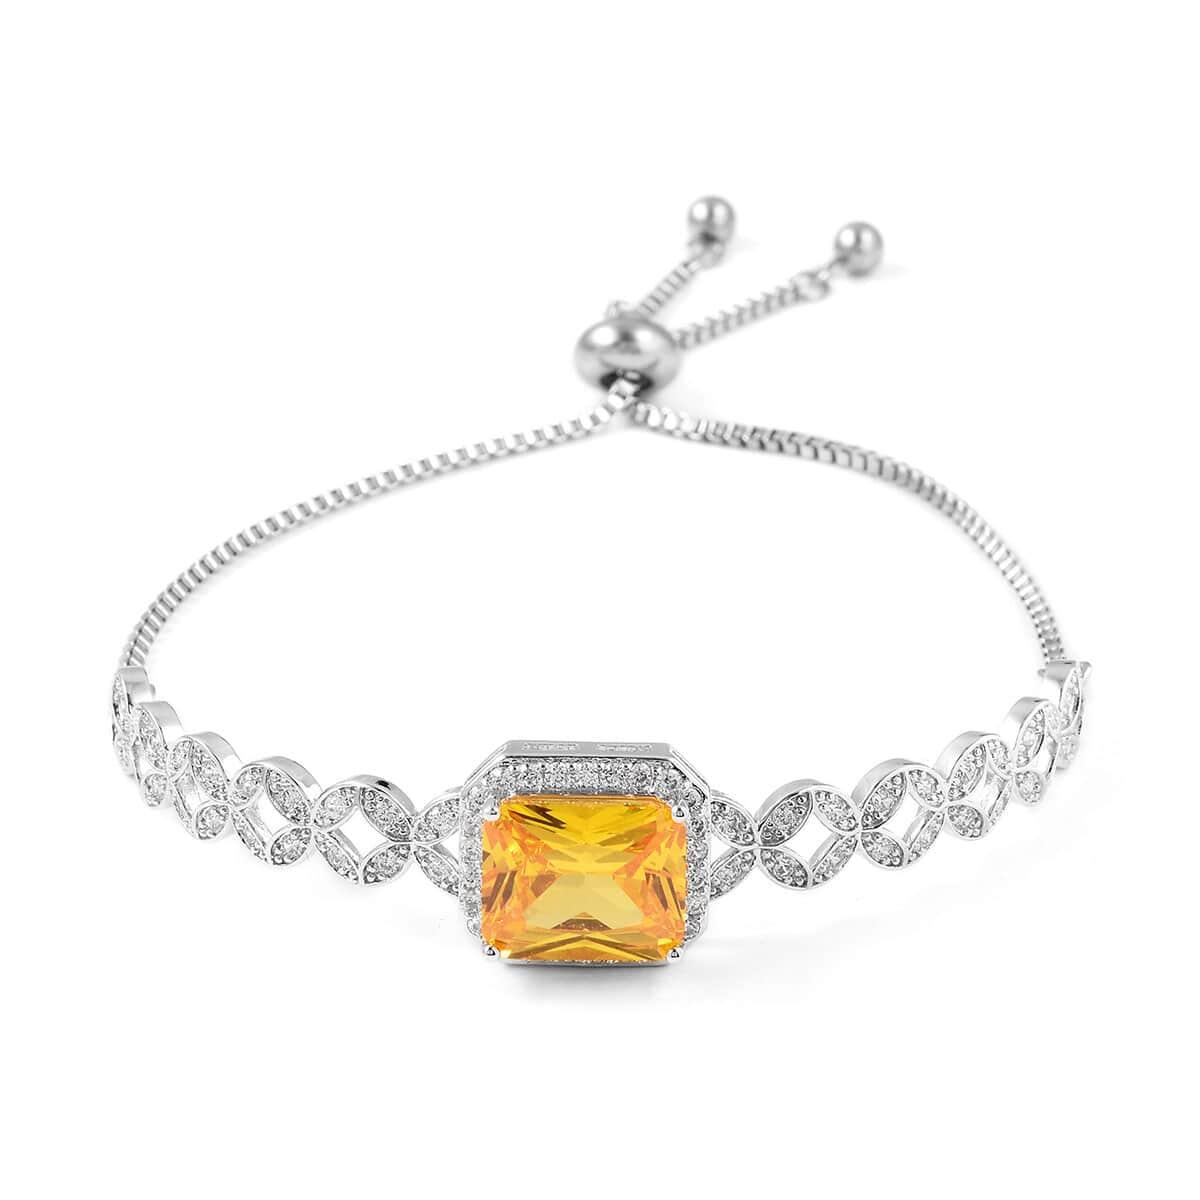 12-Color-Options-Cubic-Zirconia-Bracelet-Chain-Pendant-Necklace-Set-Adjustable thumbnail 107